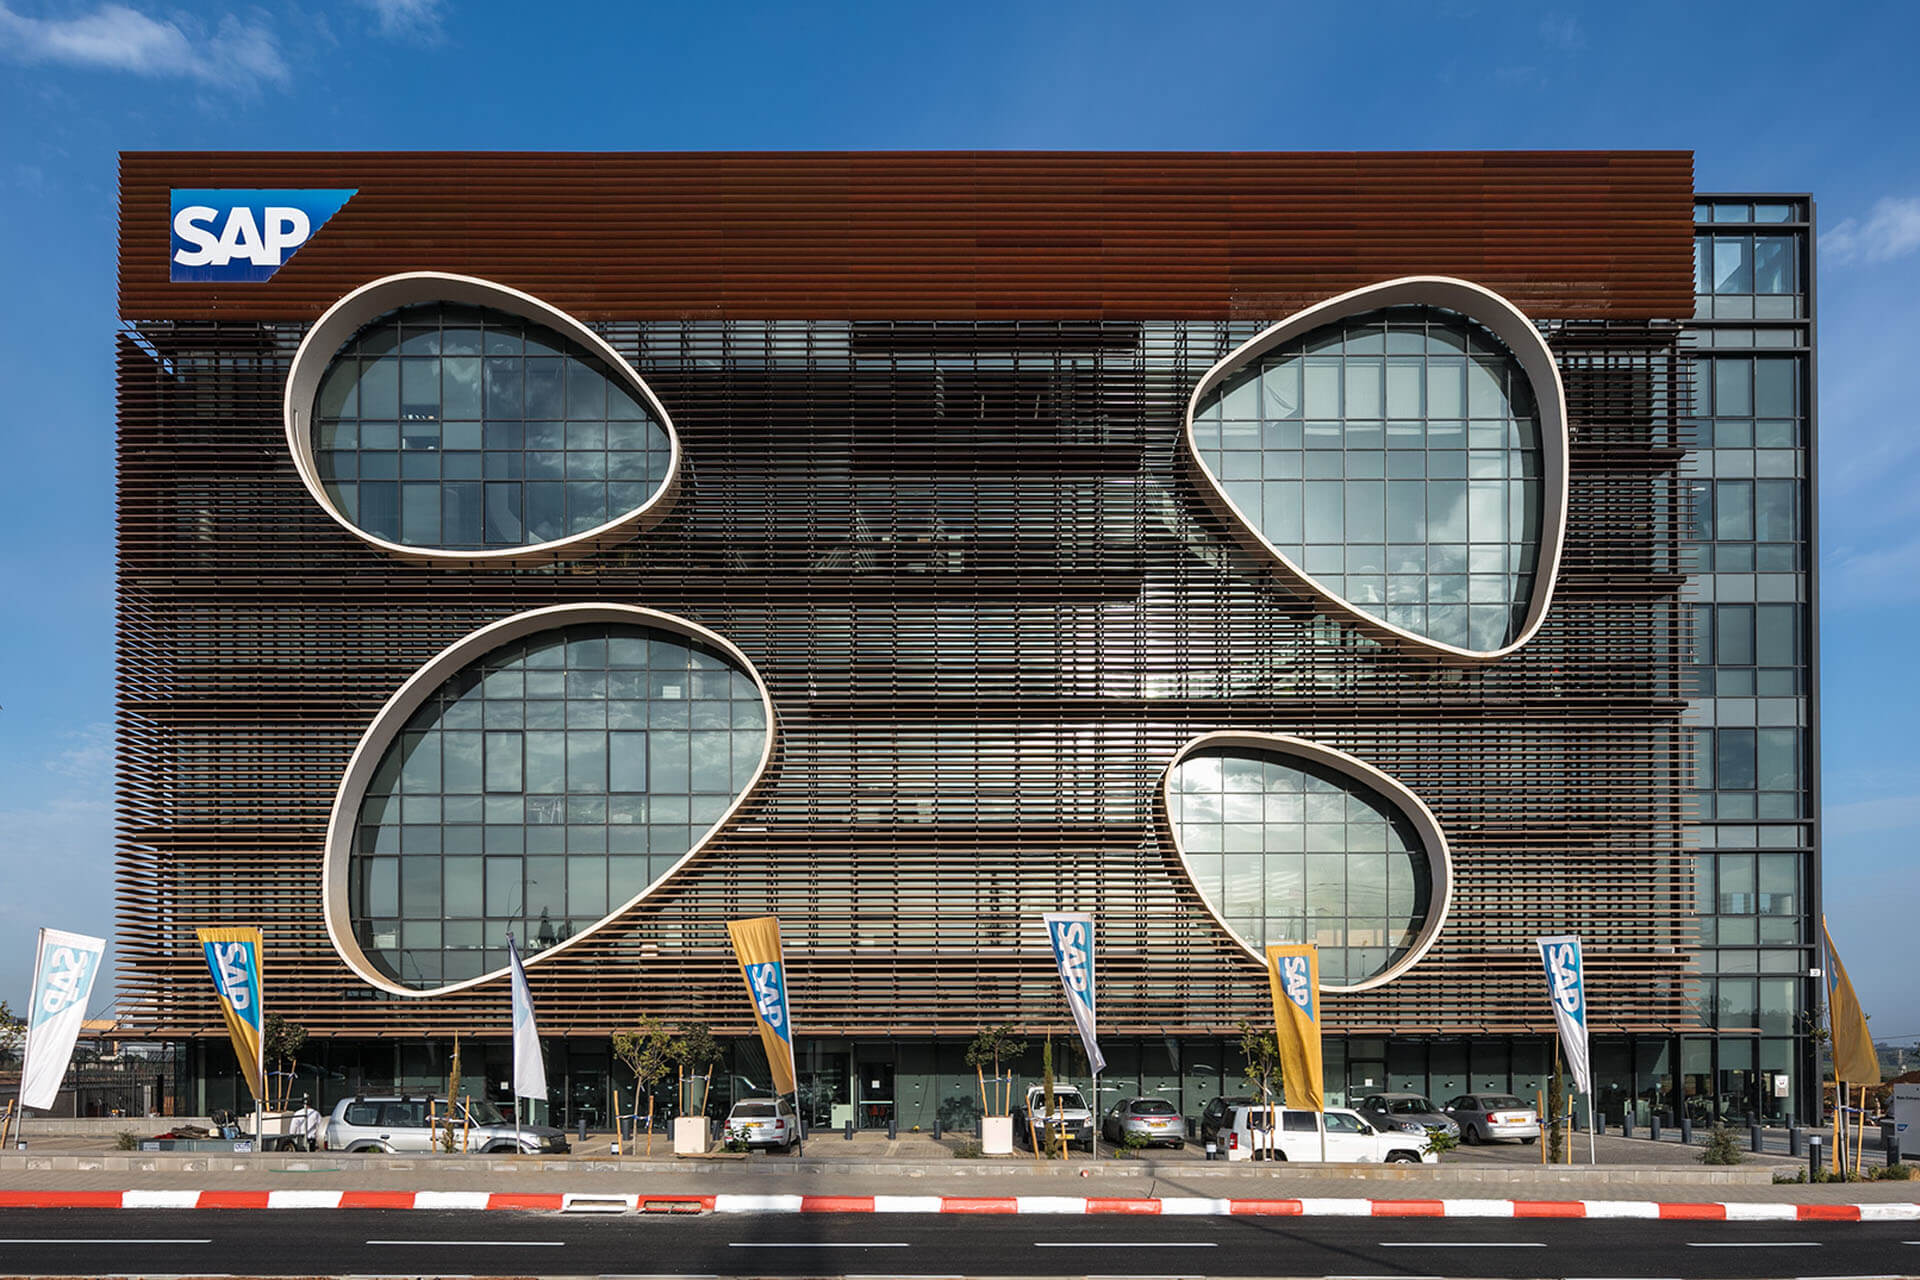 Sap Headquarters Yashar Architects Gorgeous SAP Headquarters YASHAR 8543 6